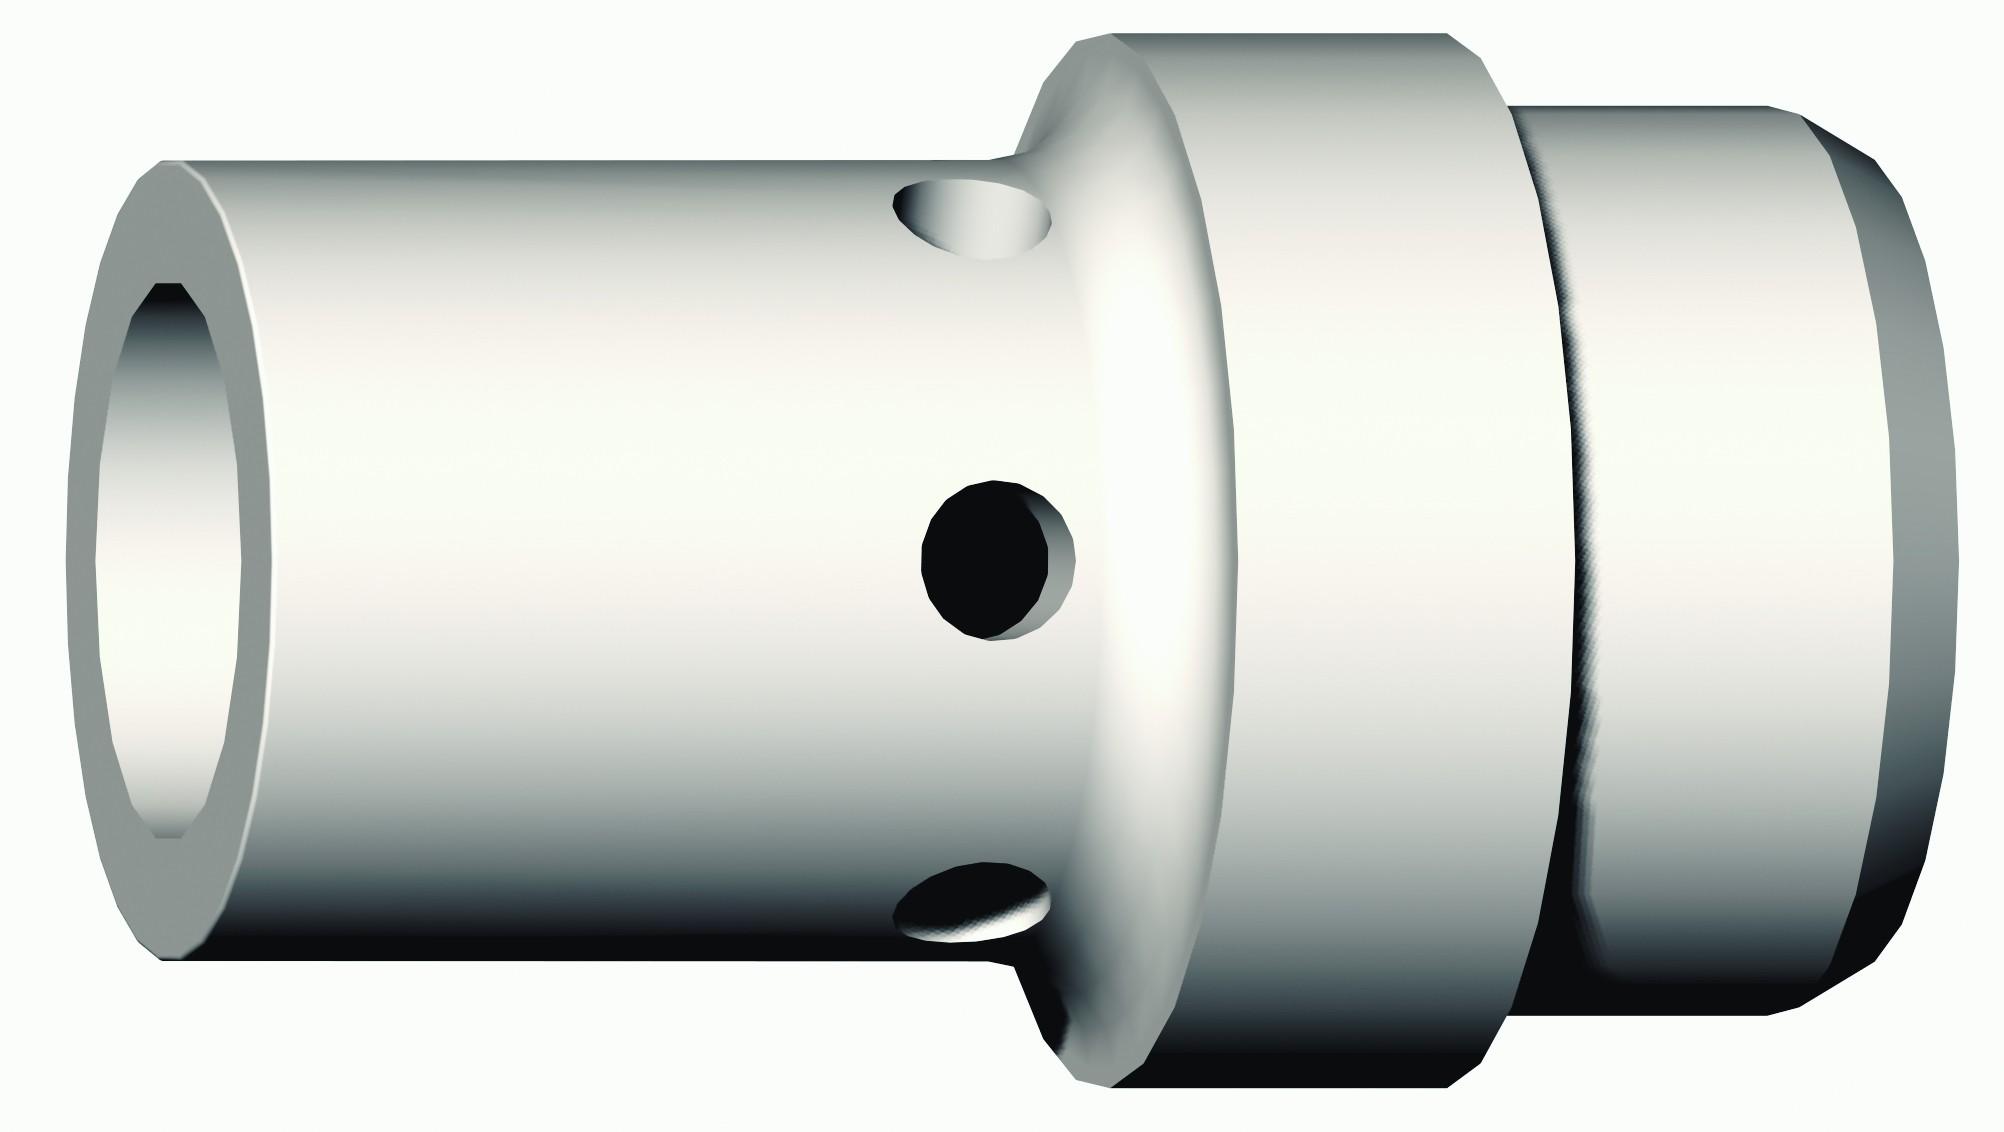 MB36 Gas Diffuser